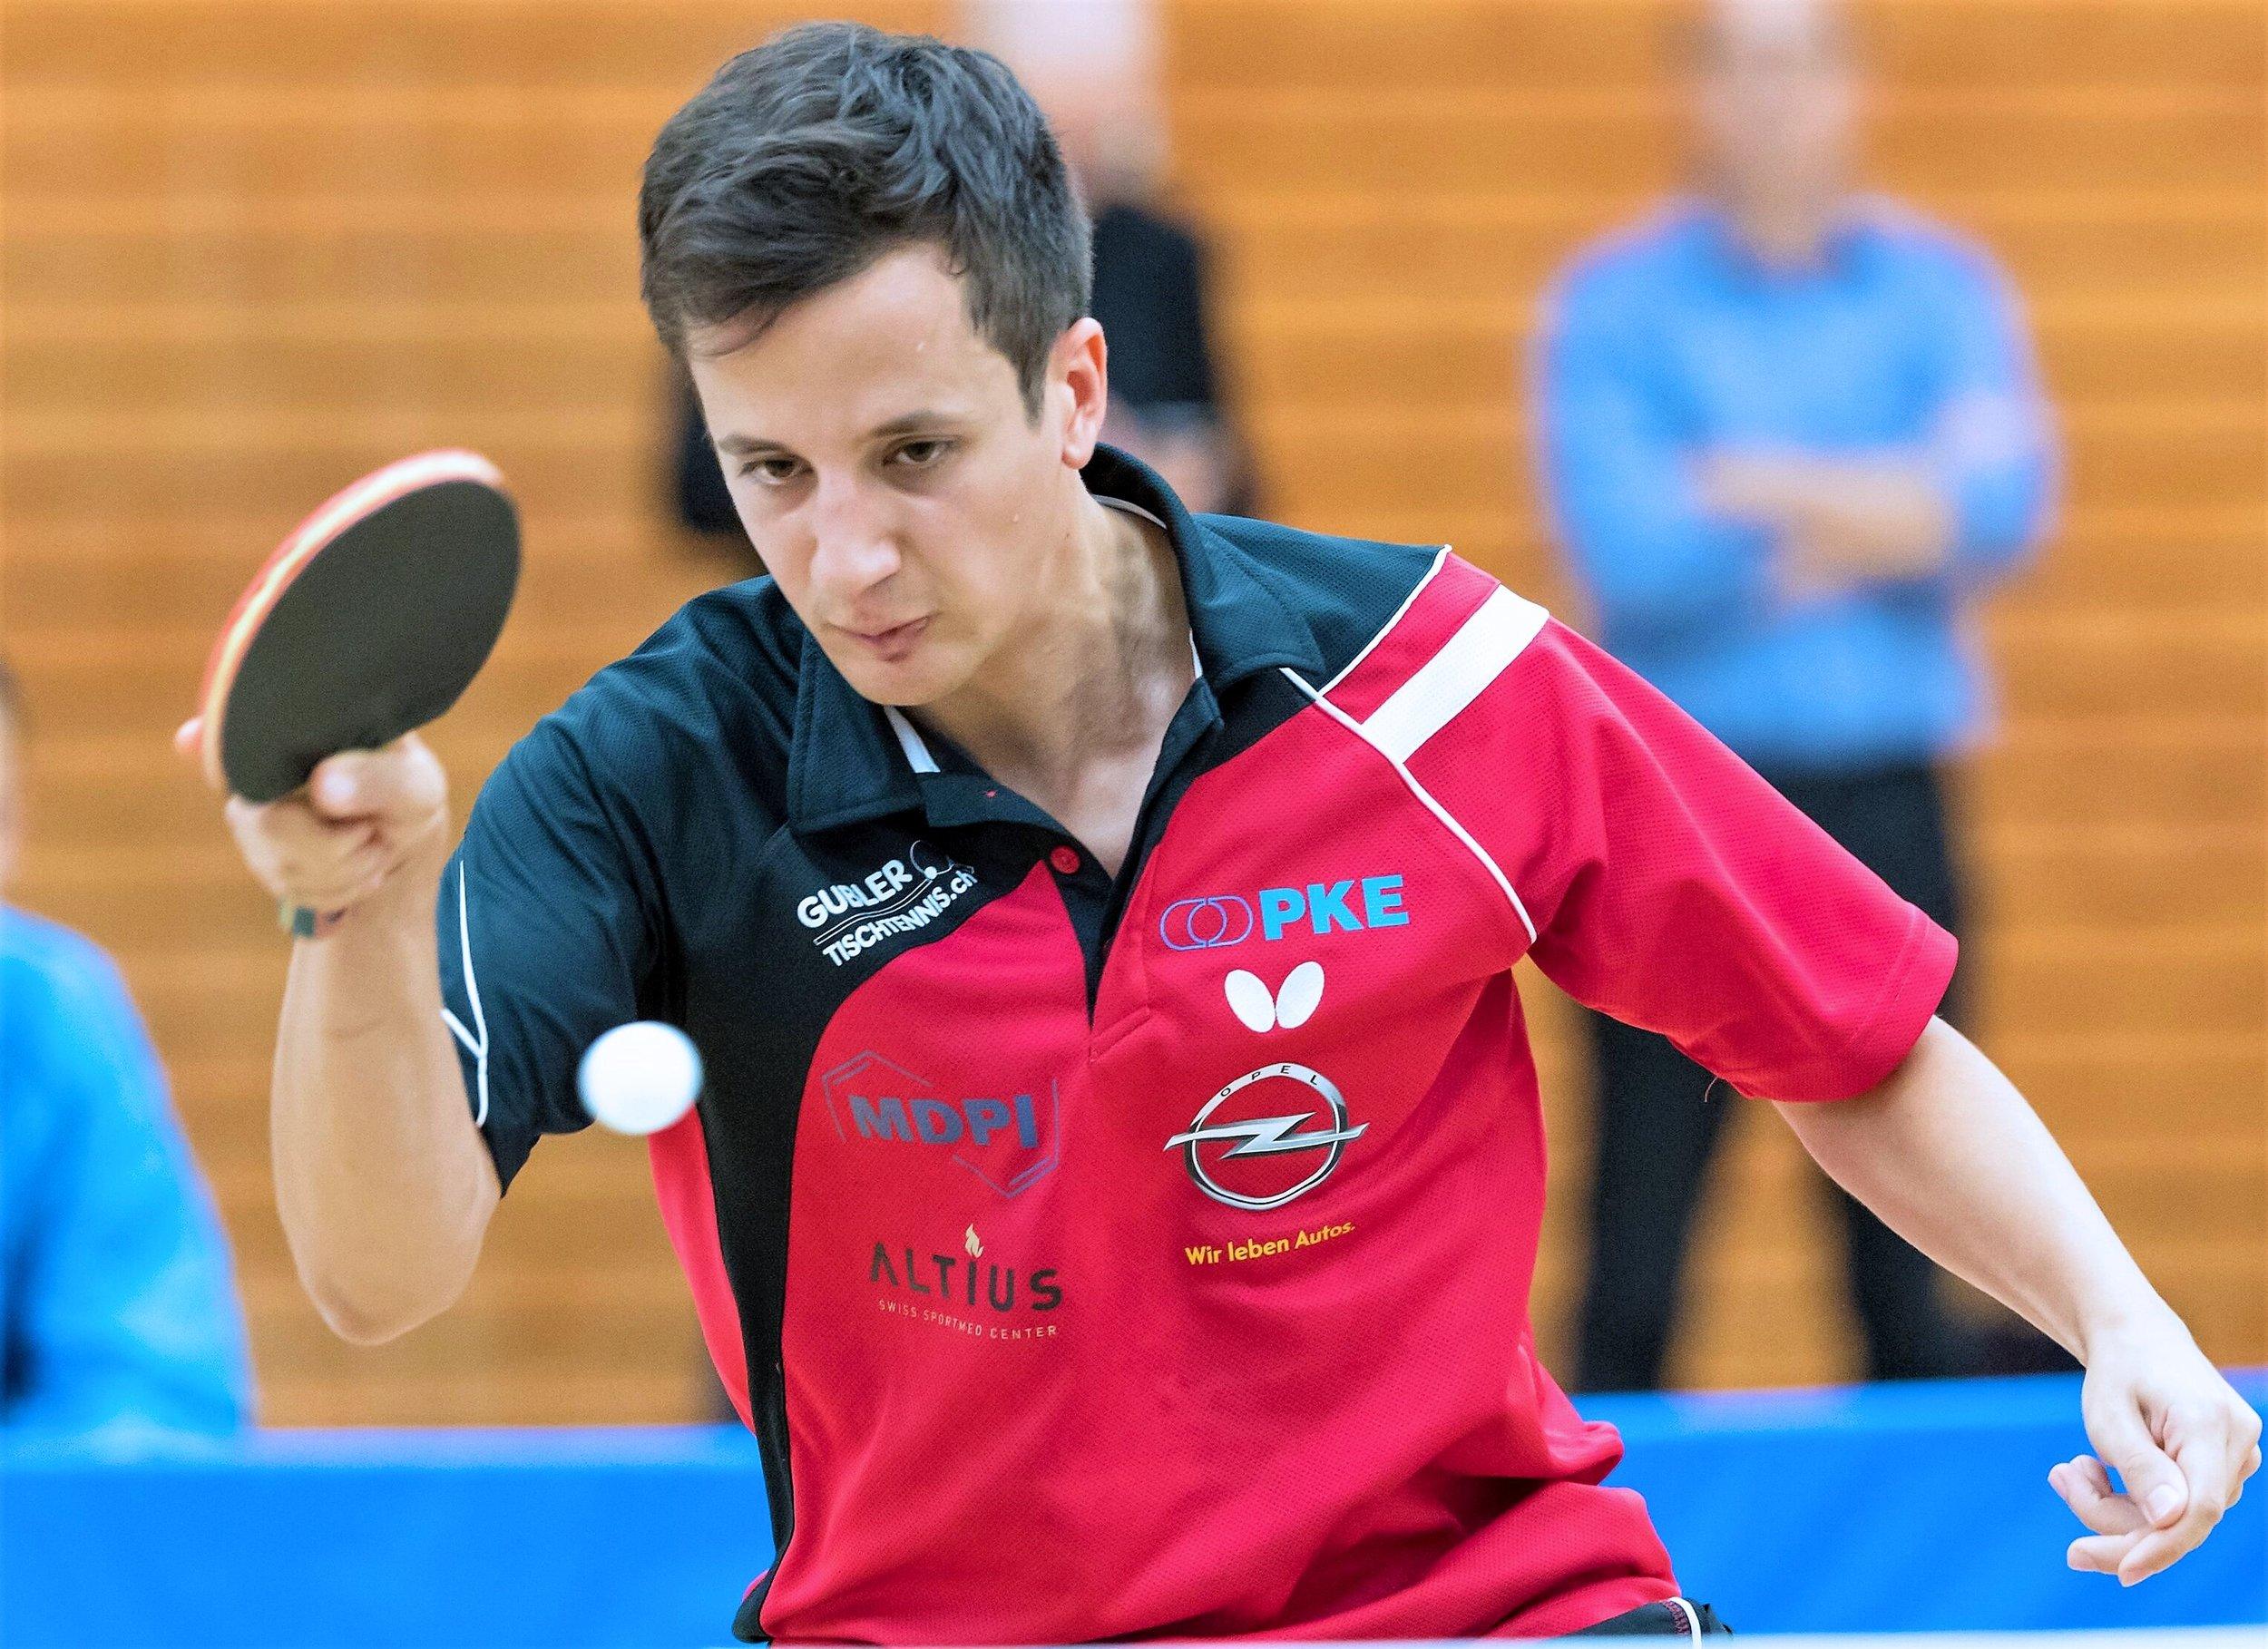 Karim Ayadi gelang im Heimspiel ein Sieg gegen den höher eingestuften Deniel Suvorin.